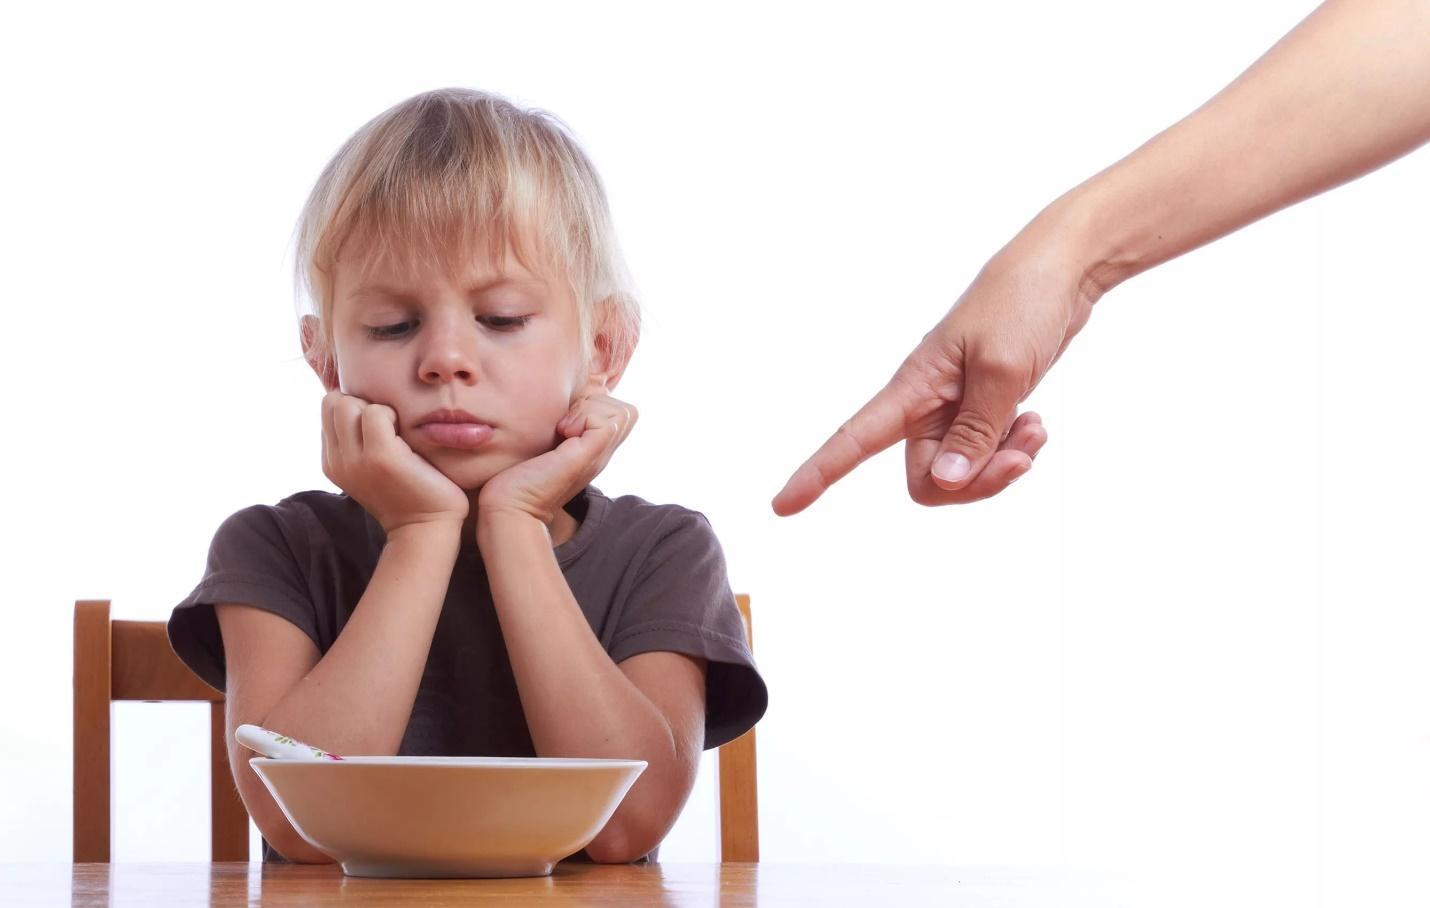 Мама, остановись: 10 вещей, которые нельза требовать от ребенка